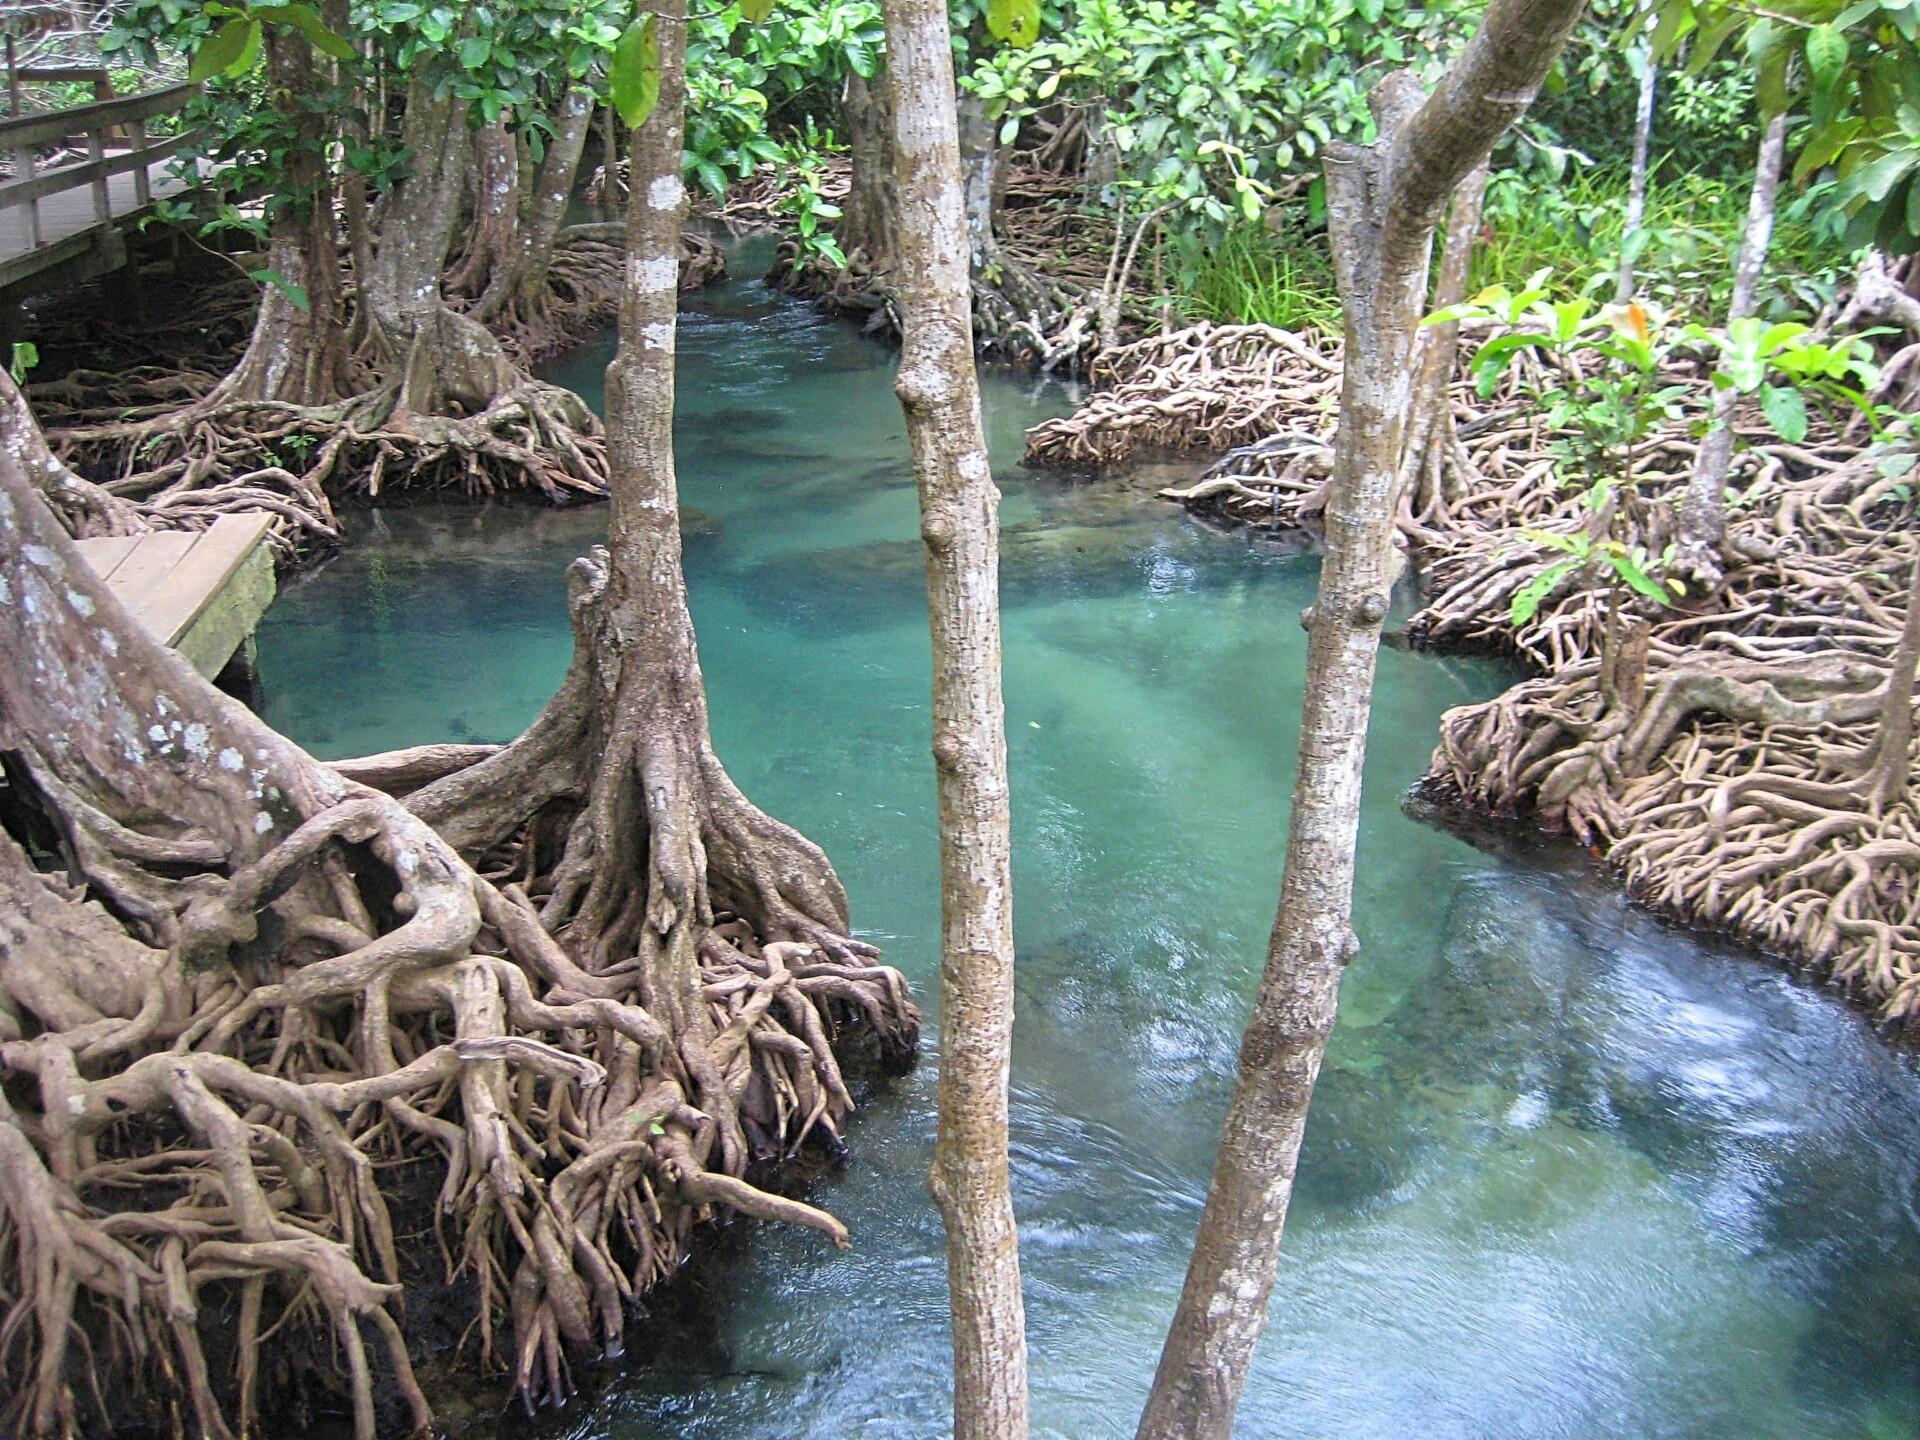 Tha Pom – et Thailandsk natur økosystem ved Krabi